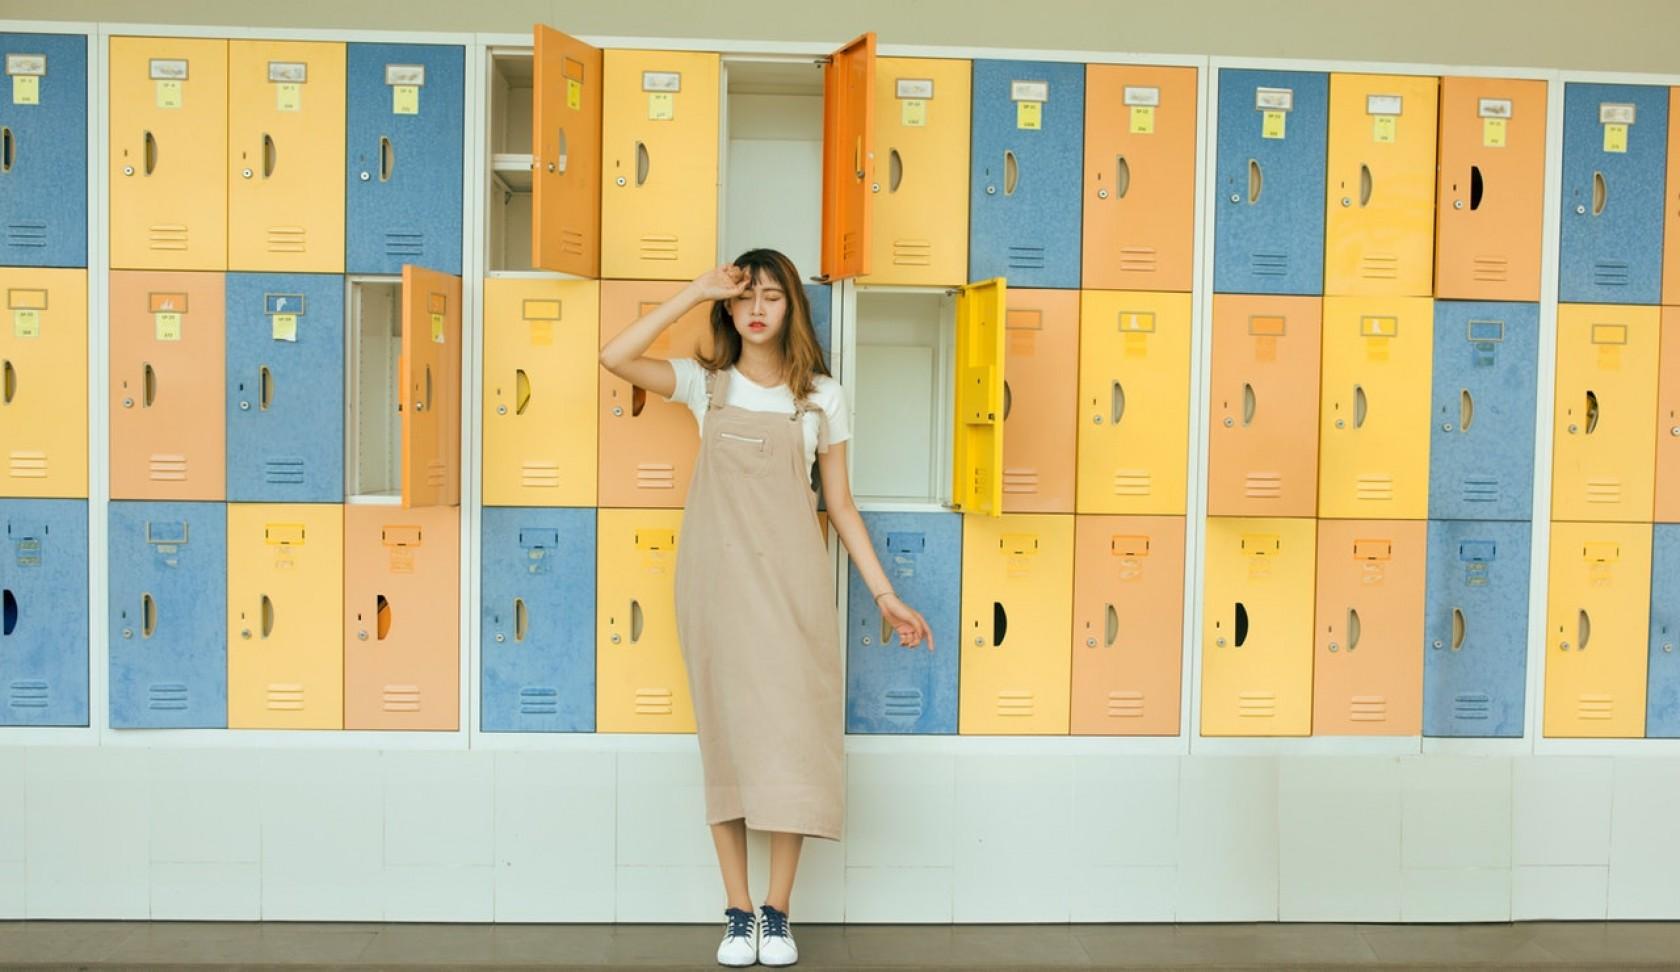 Yurtdışı Lise Değişim Programları ile Amerika Chicago'da Lise Okumak